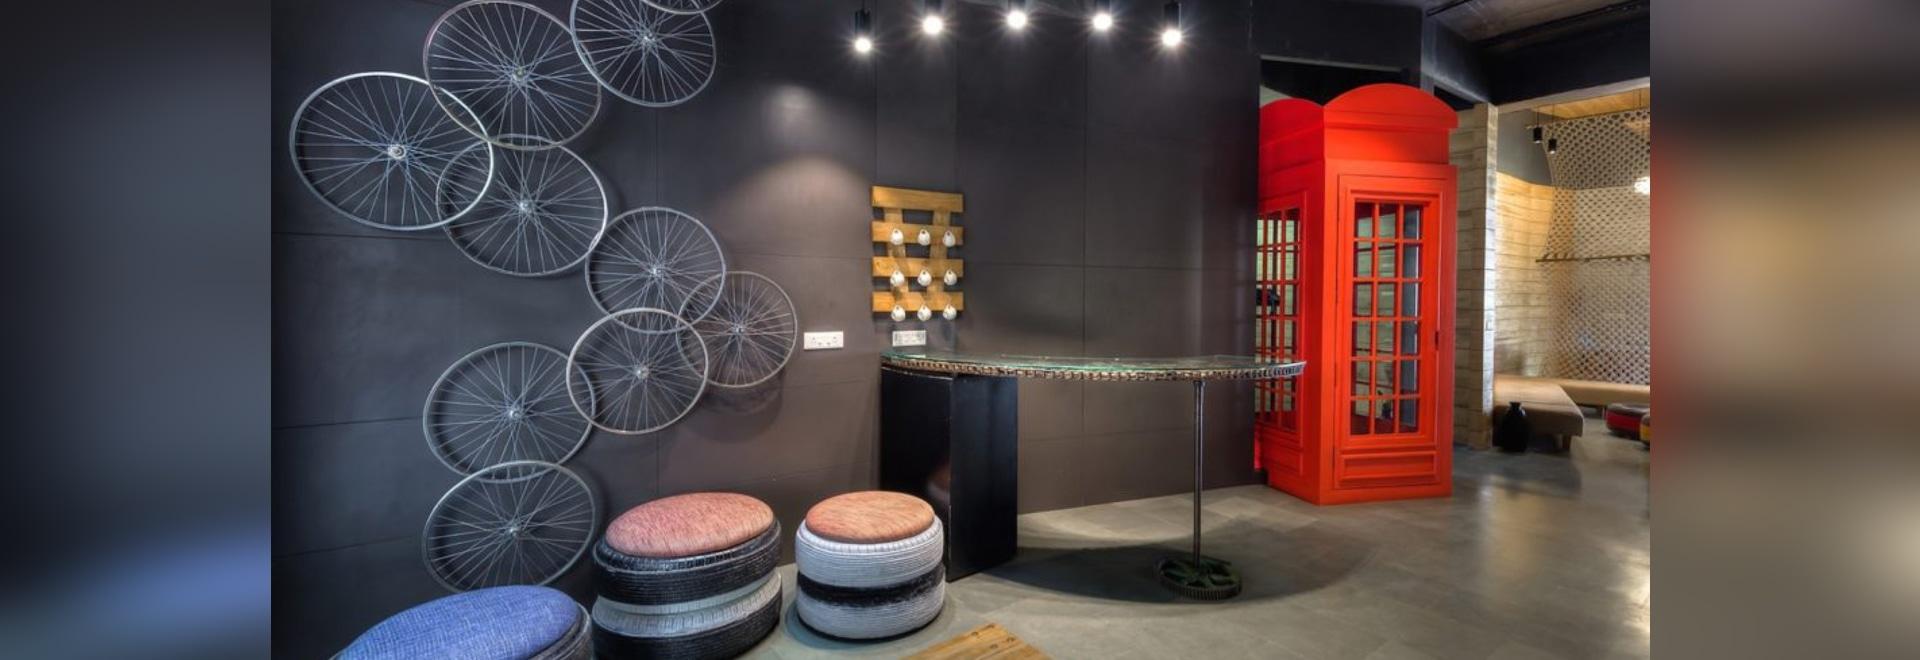 De los arquitectos basura del upcycle creativo en un espacio de oficina asombrosamente elegante